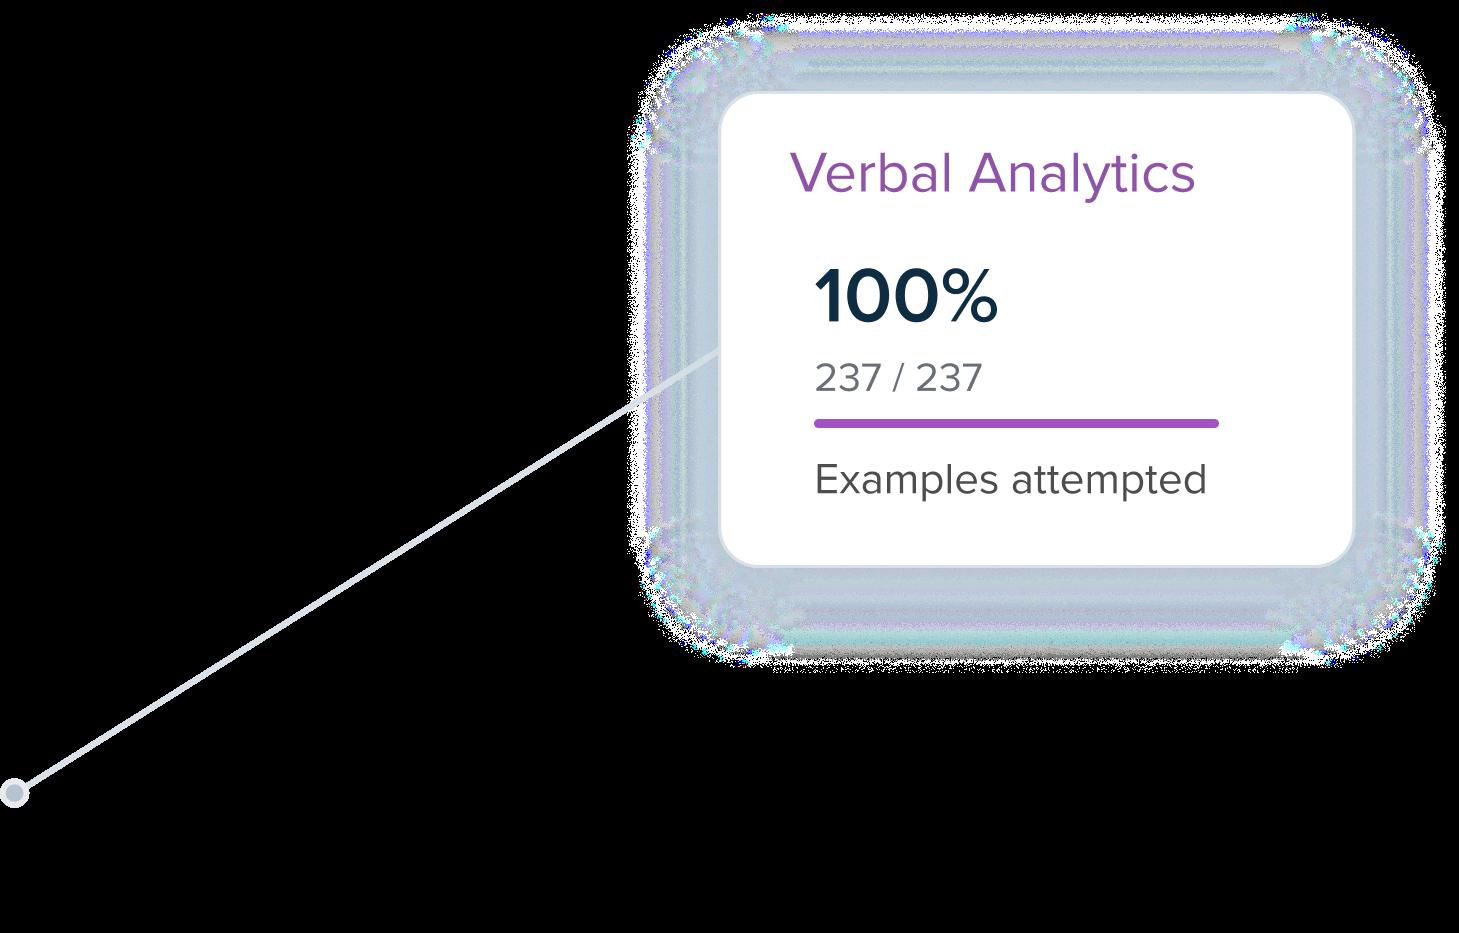 Verbal Analytics